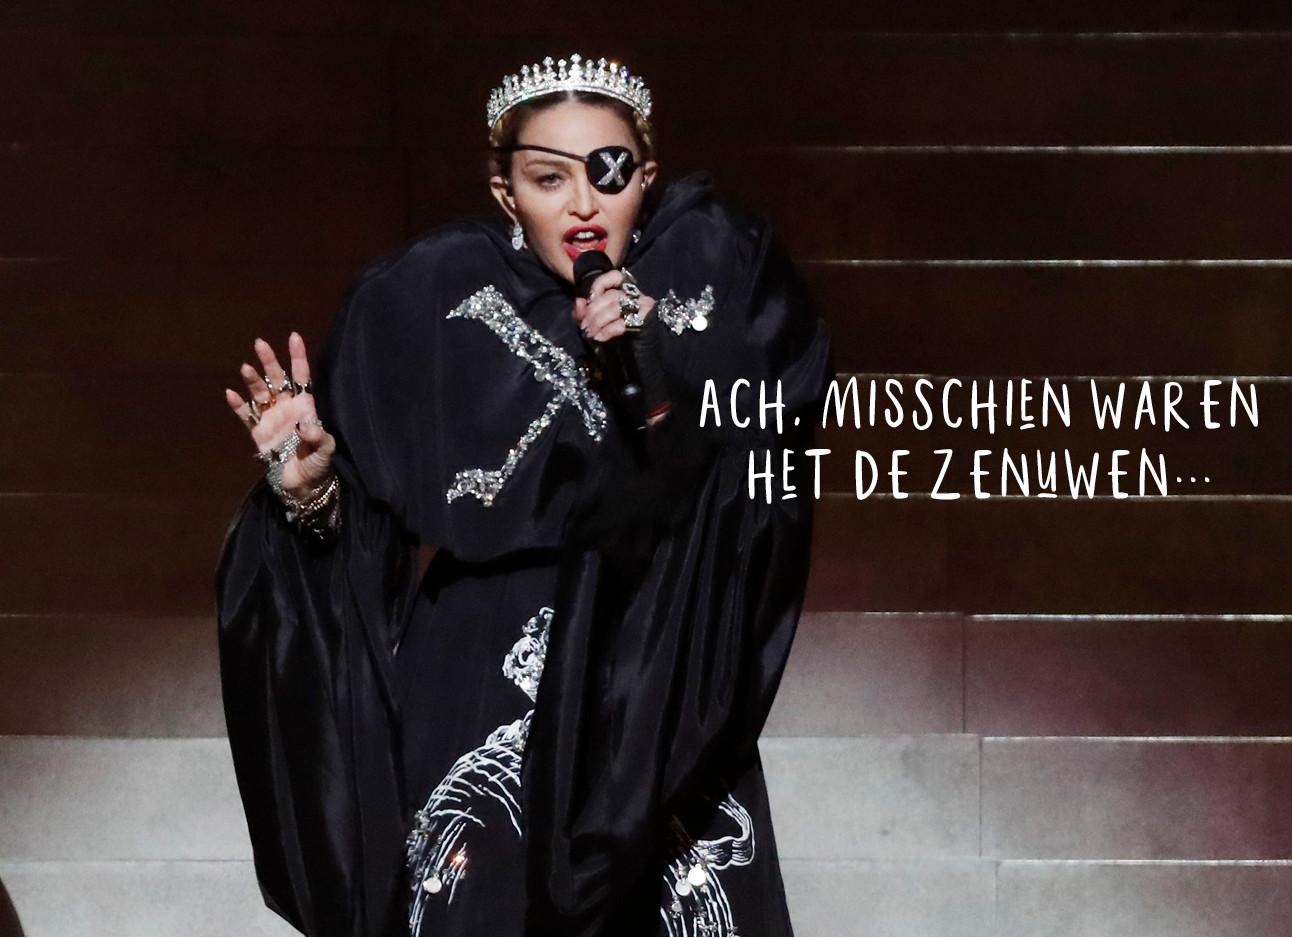 madonna tijdens haar optreden voor de 200 miljoen kijkers van het eurovisie songfestival in tel avivn